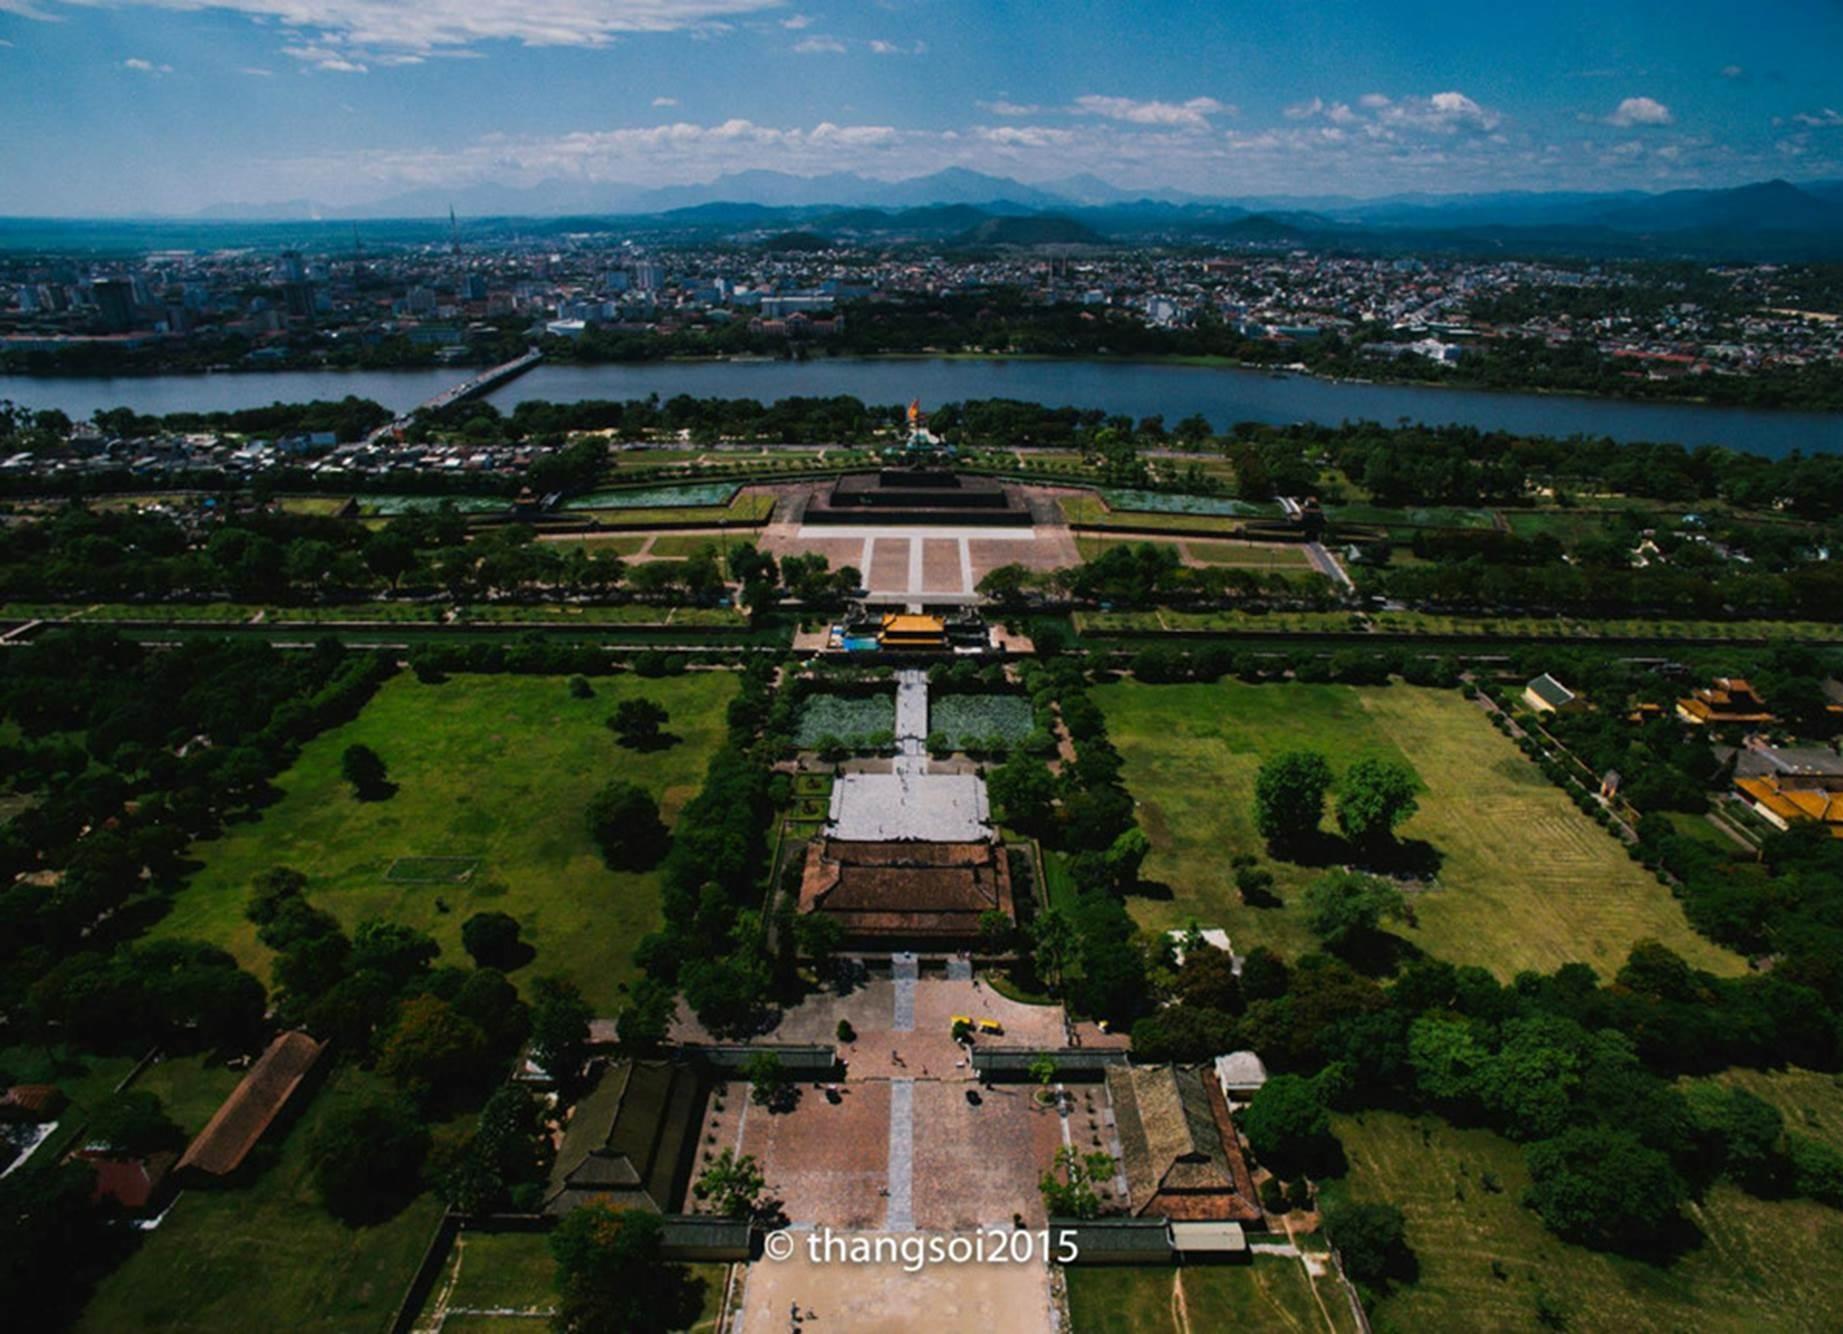 Dấu ấn Việt Nam nhìn từ bầu trời của giám khảo Thắng 'Sói'-9